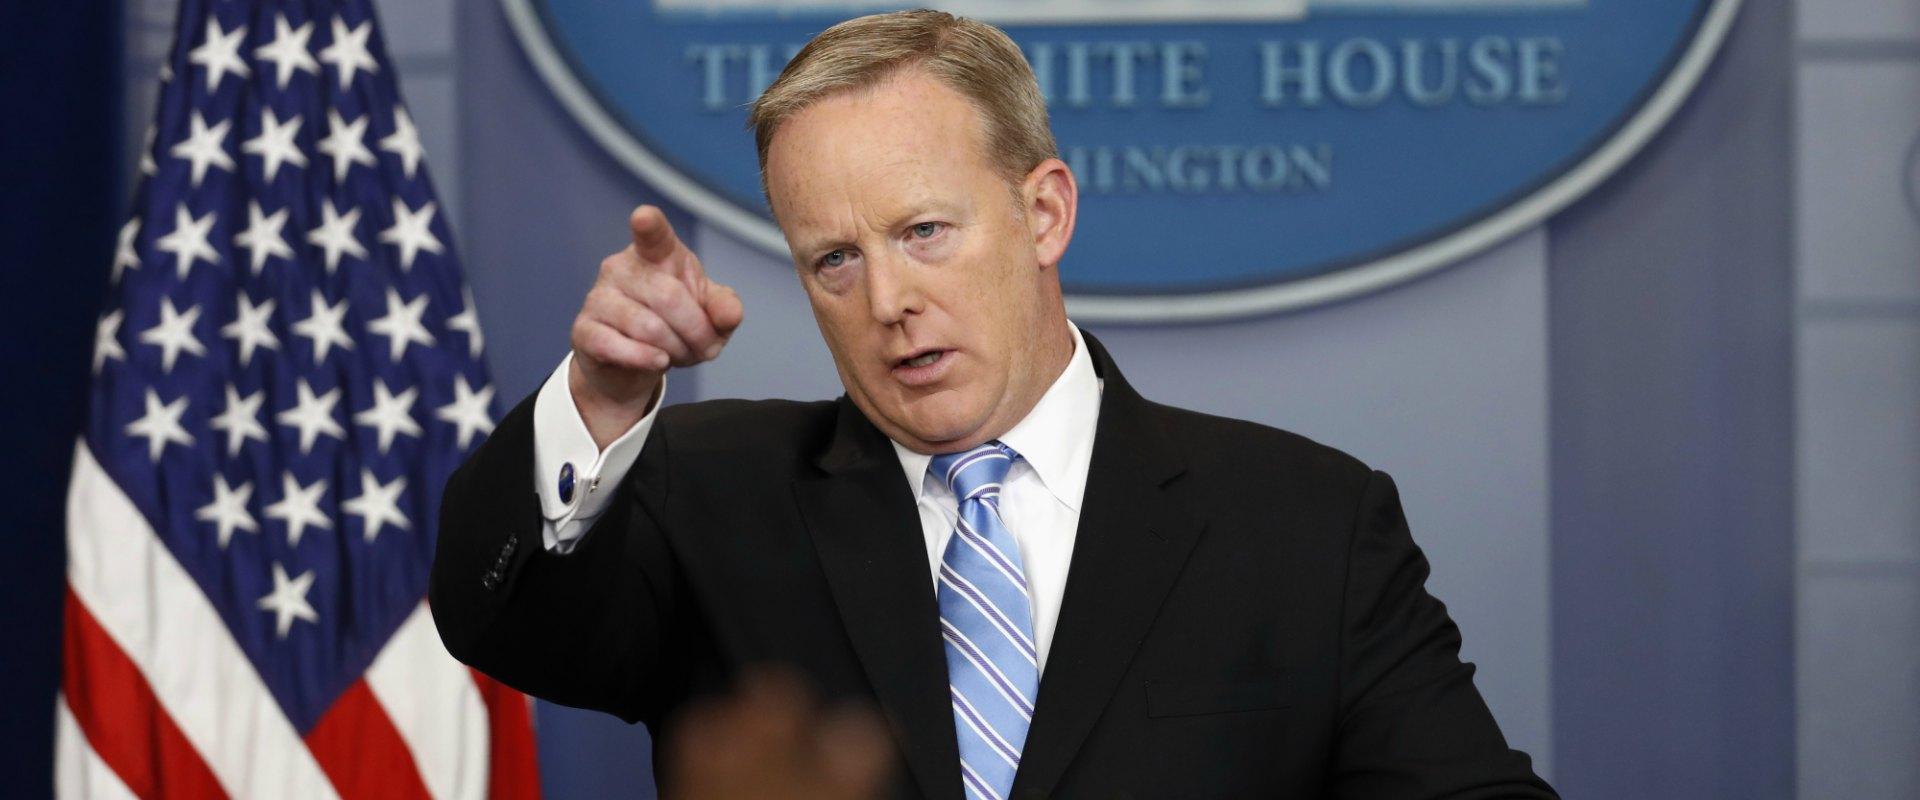 דובר הבית הלבן המתפטר, ש'ון ספייסר, במסיבת עיתונאי